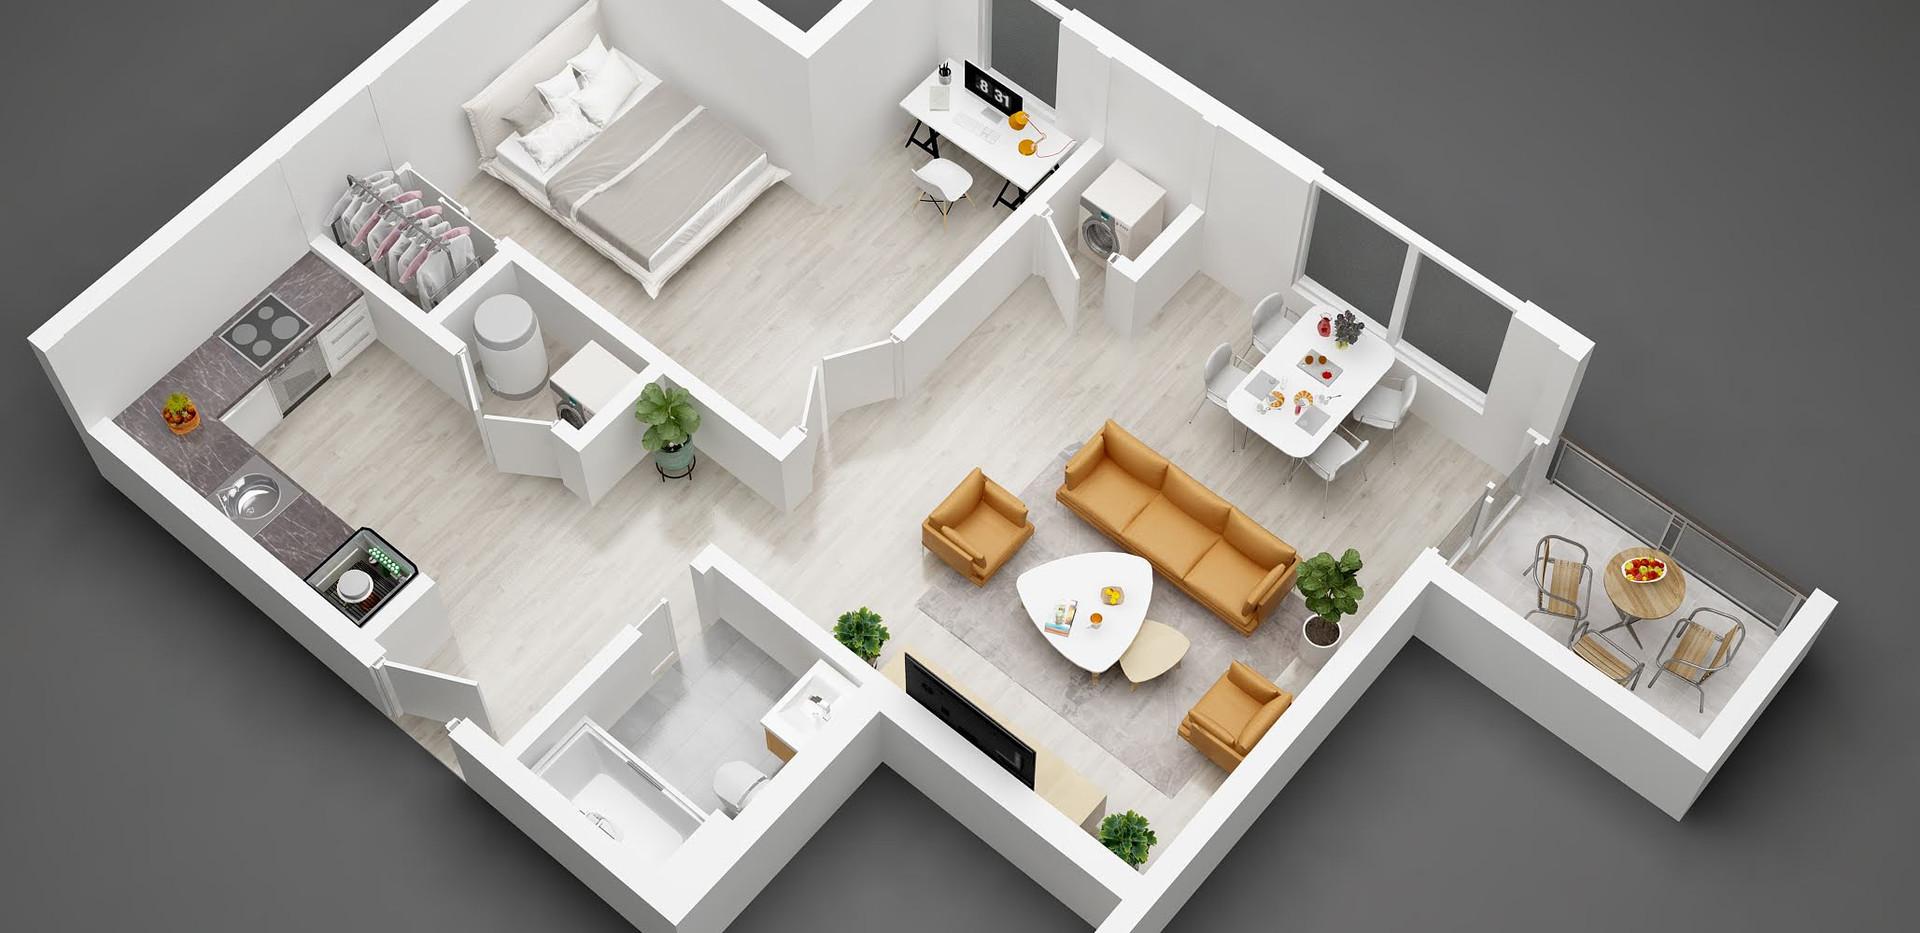 6 2_3D  floor plan